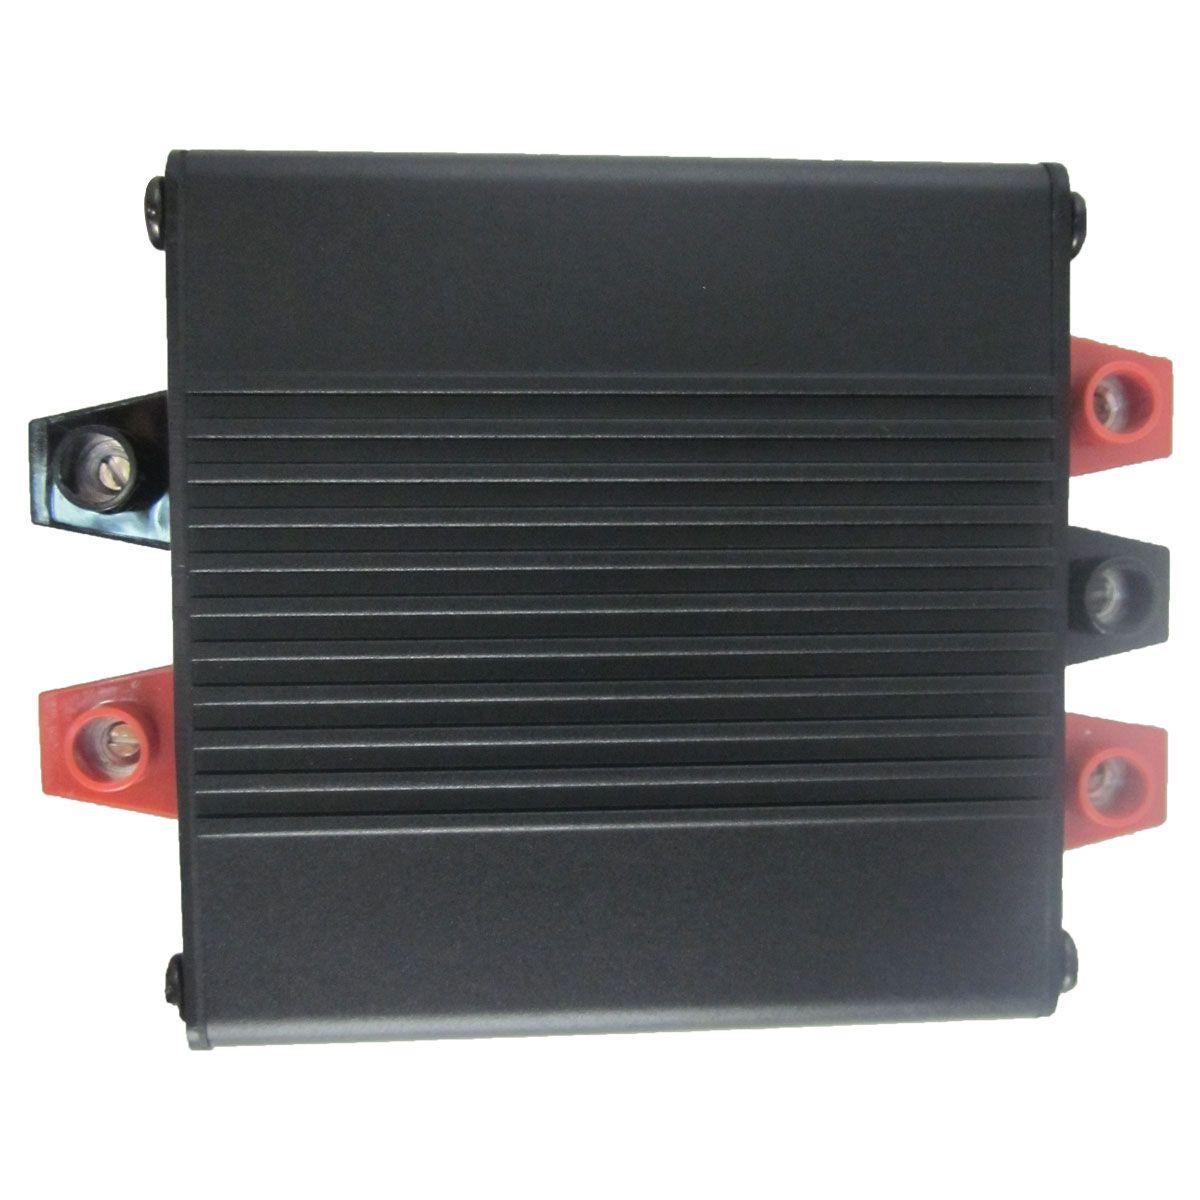 Módulo de respaldo de batería BBM-1225 12/24V  25A